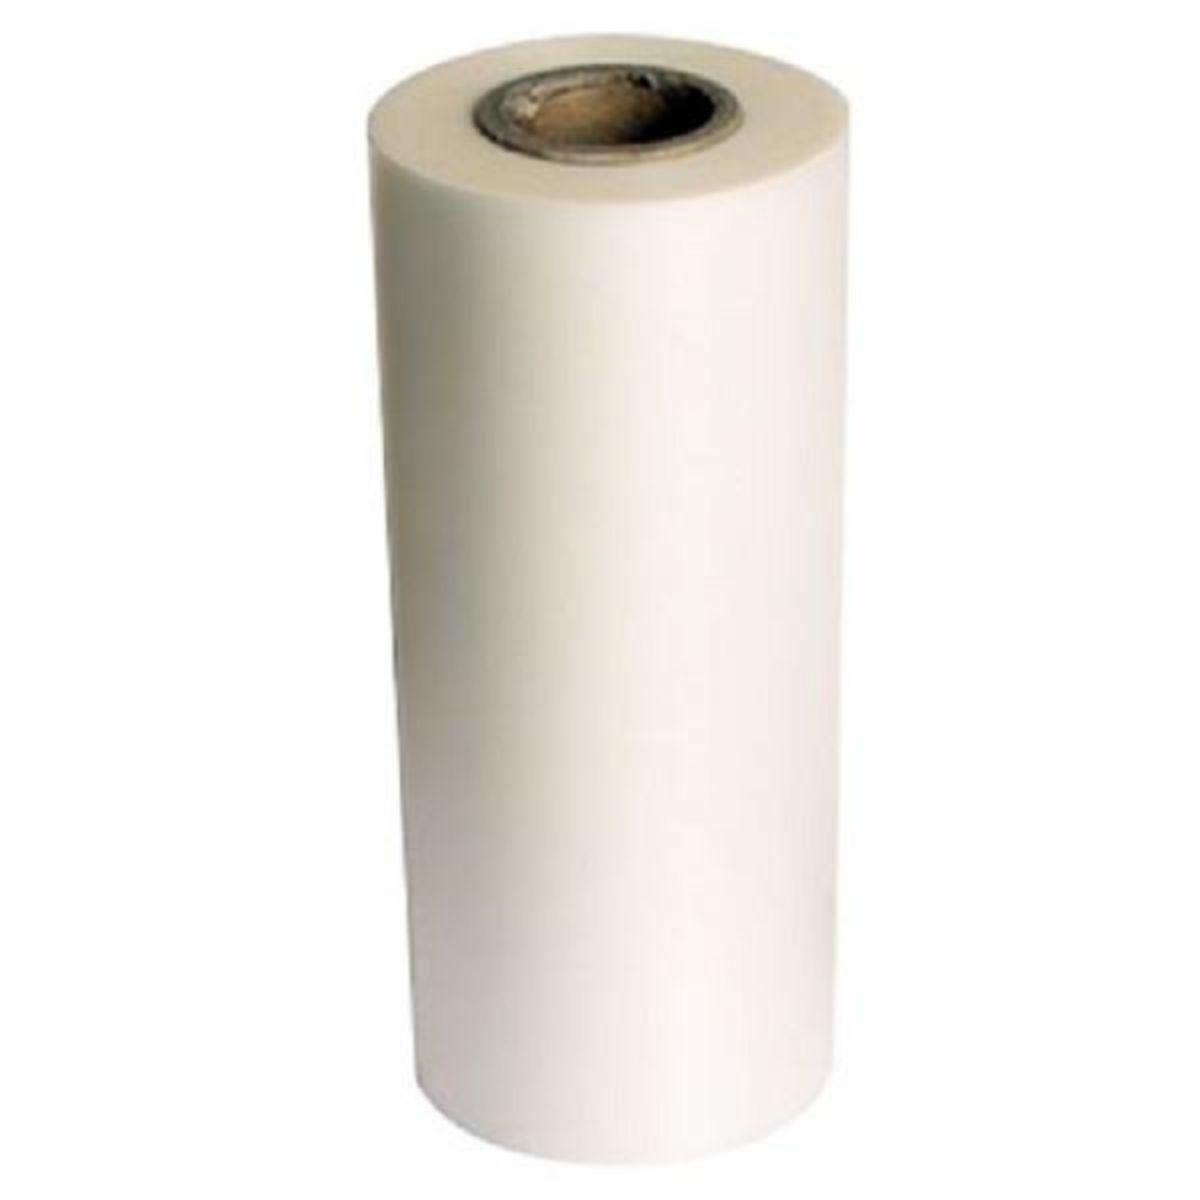 Bobina de BOPP para Laminação Fosco 34cm x 250M (18 micras)  - Click Suprimentos